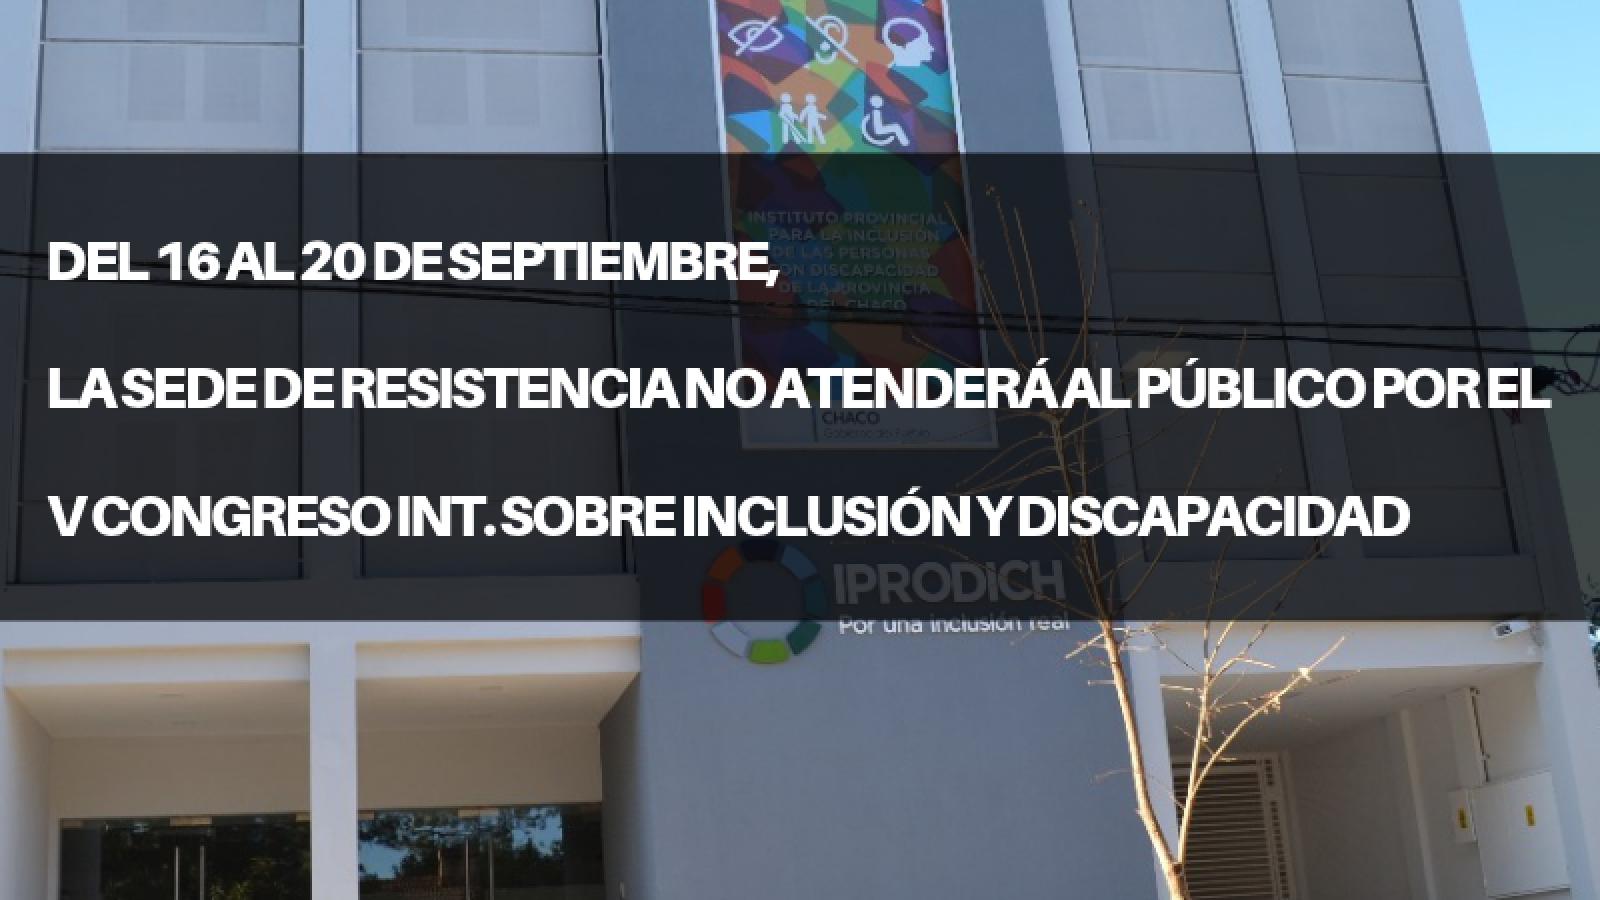 IPRODICH NO ATENDERÁ AL PÚBLICO DEL 16 AL 20 DE SEPTIEMBRE